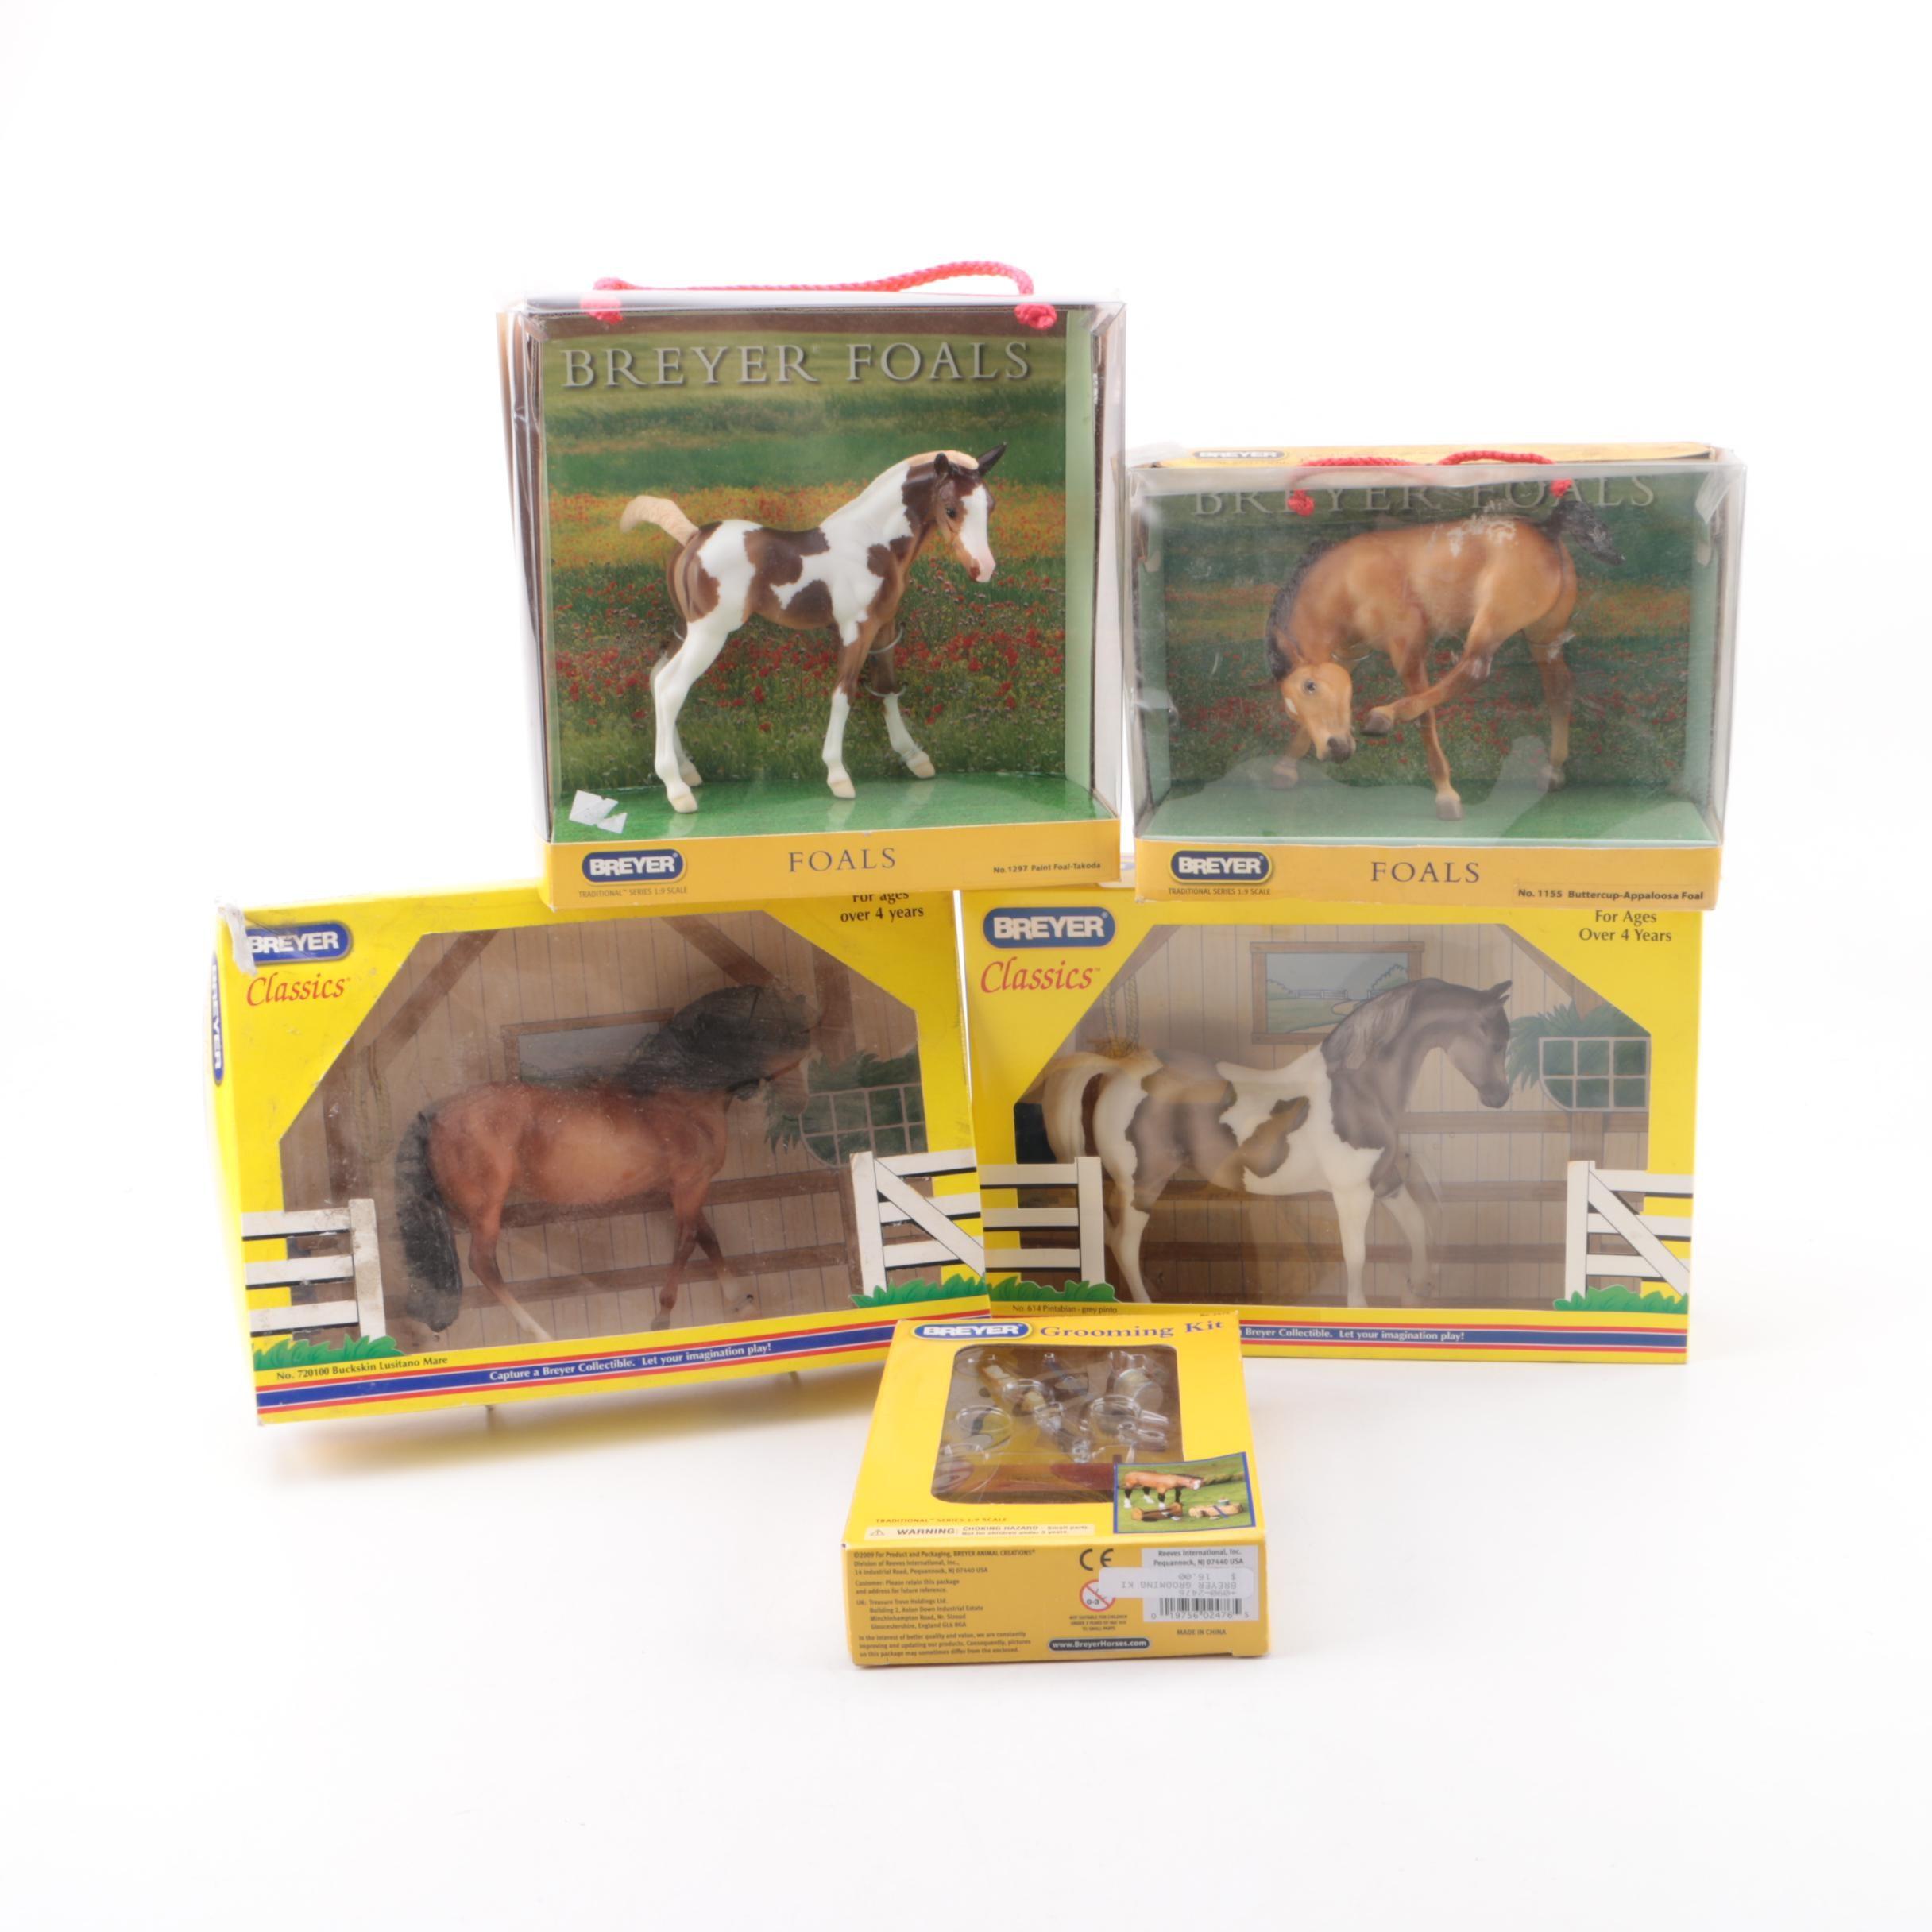 Breyer Model Horses, Including Foals and Classics